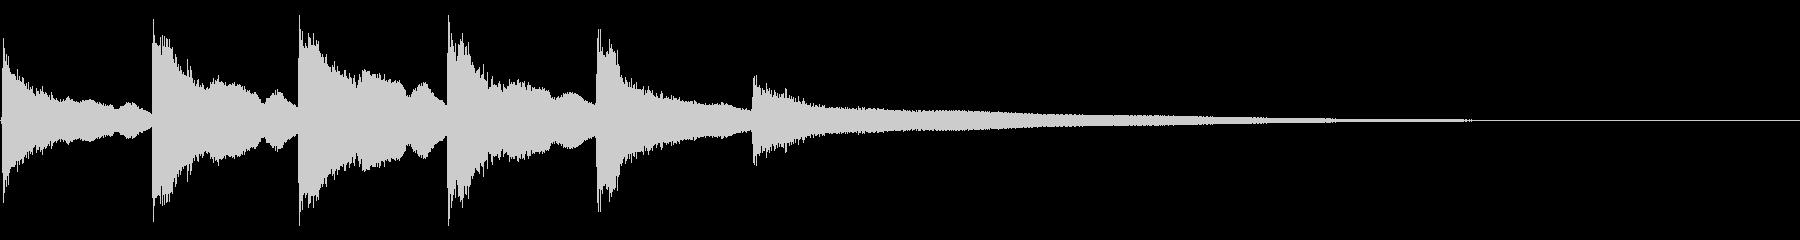 教会の鐘:孤立した呼び出し音を閉じるの未再生の波形